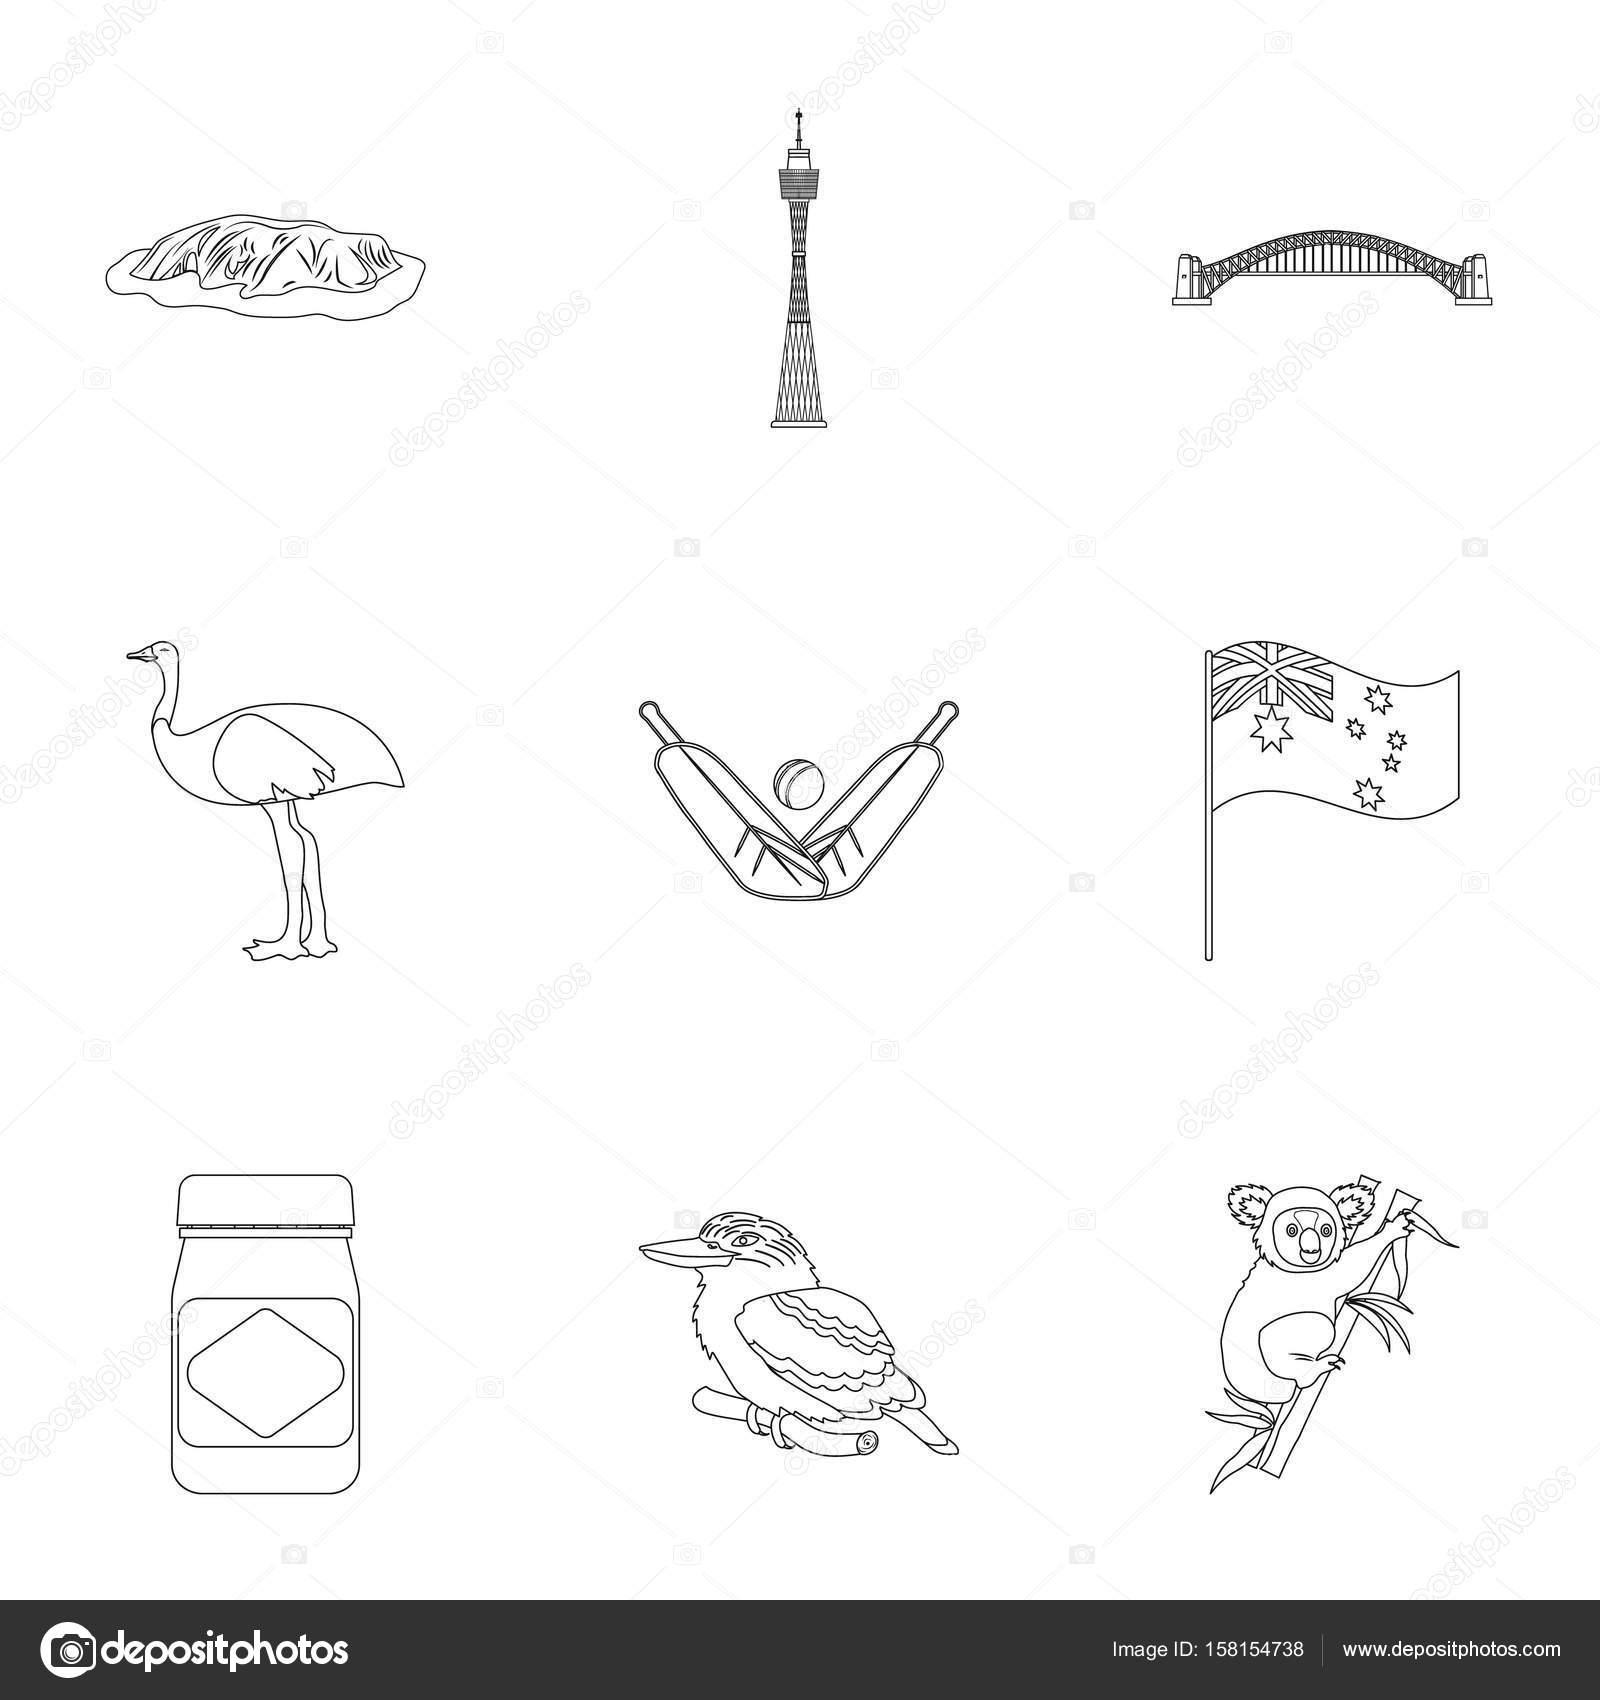 National symbols of australia web icon on australia themestralia national symbols of australia web icon on australia themestralia icon in set collection ccuart Choice Image